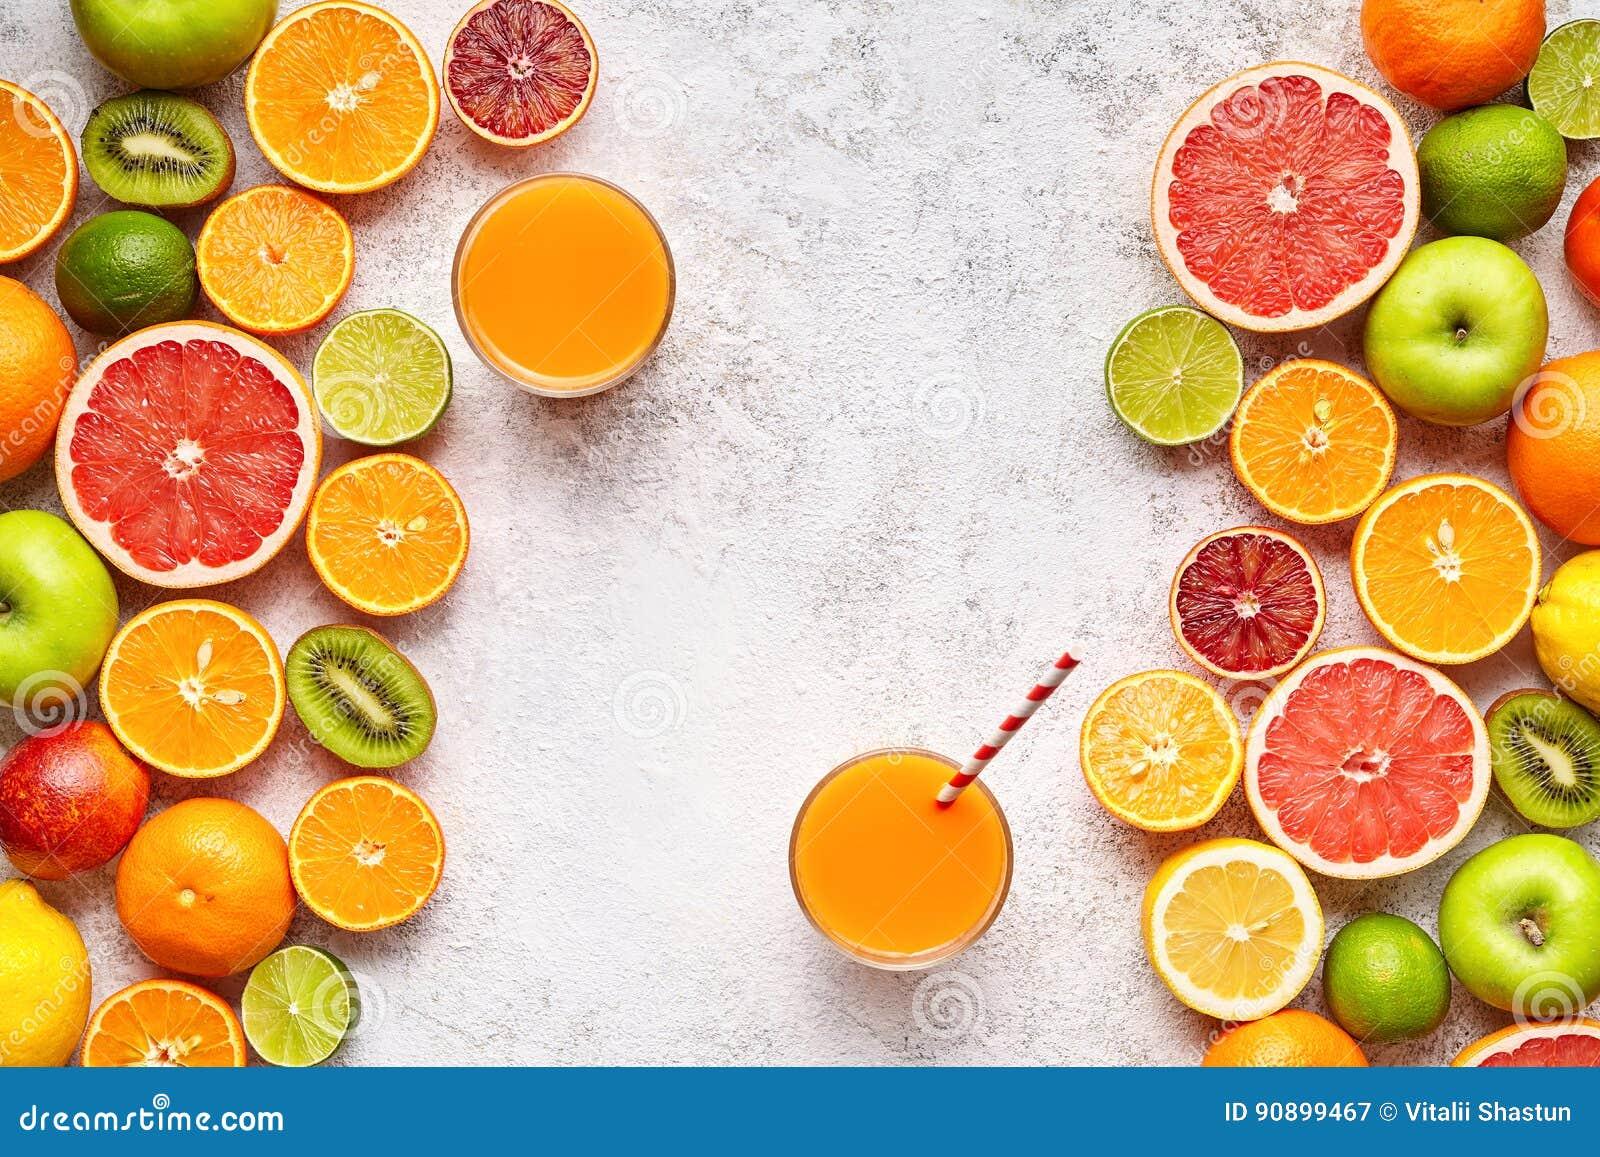 Smoothie eller nytt fruktsaftvitamin i den lekmanna- citrusfruktbakgrundslägenheten, helthy naturlig dryck